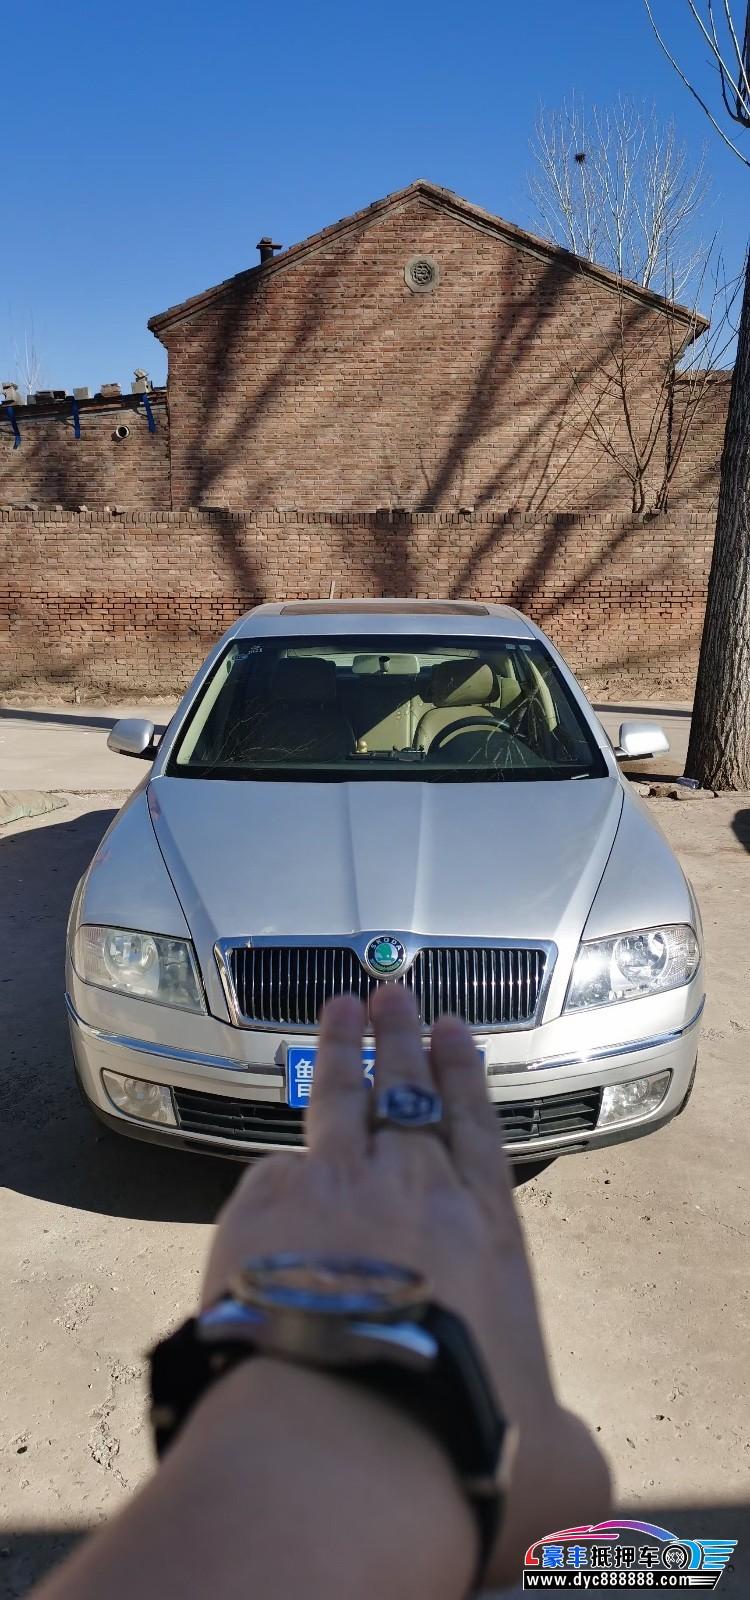 08年斯柯达明锐轿车抵押车出售